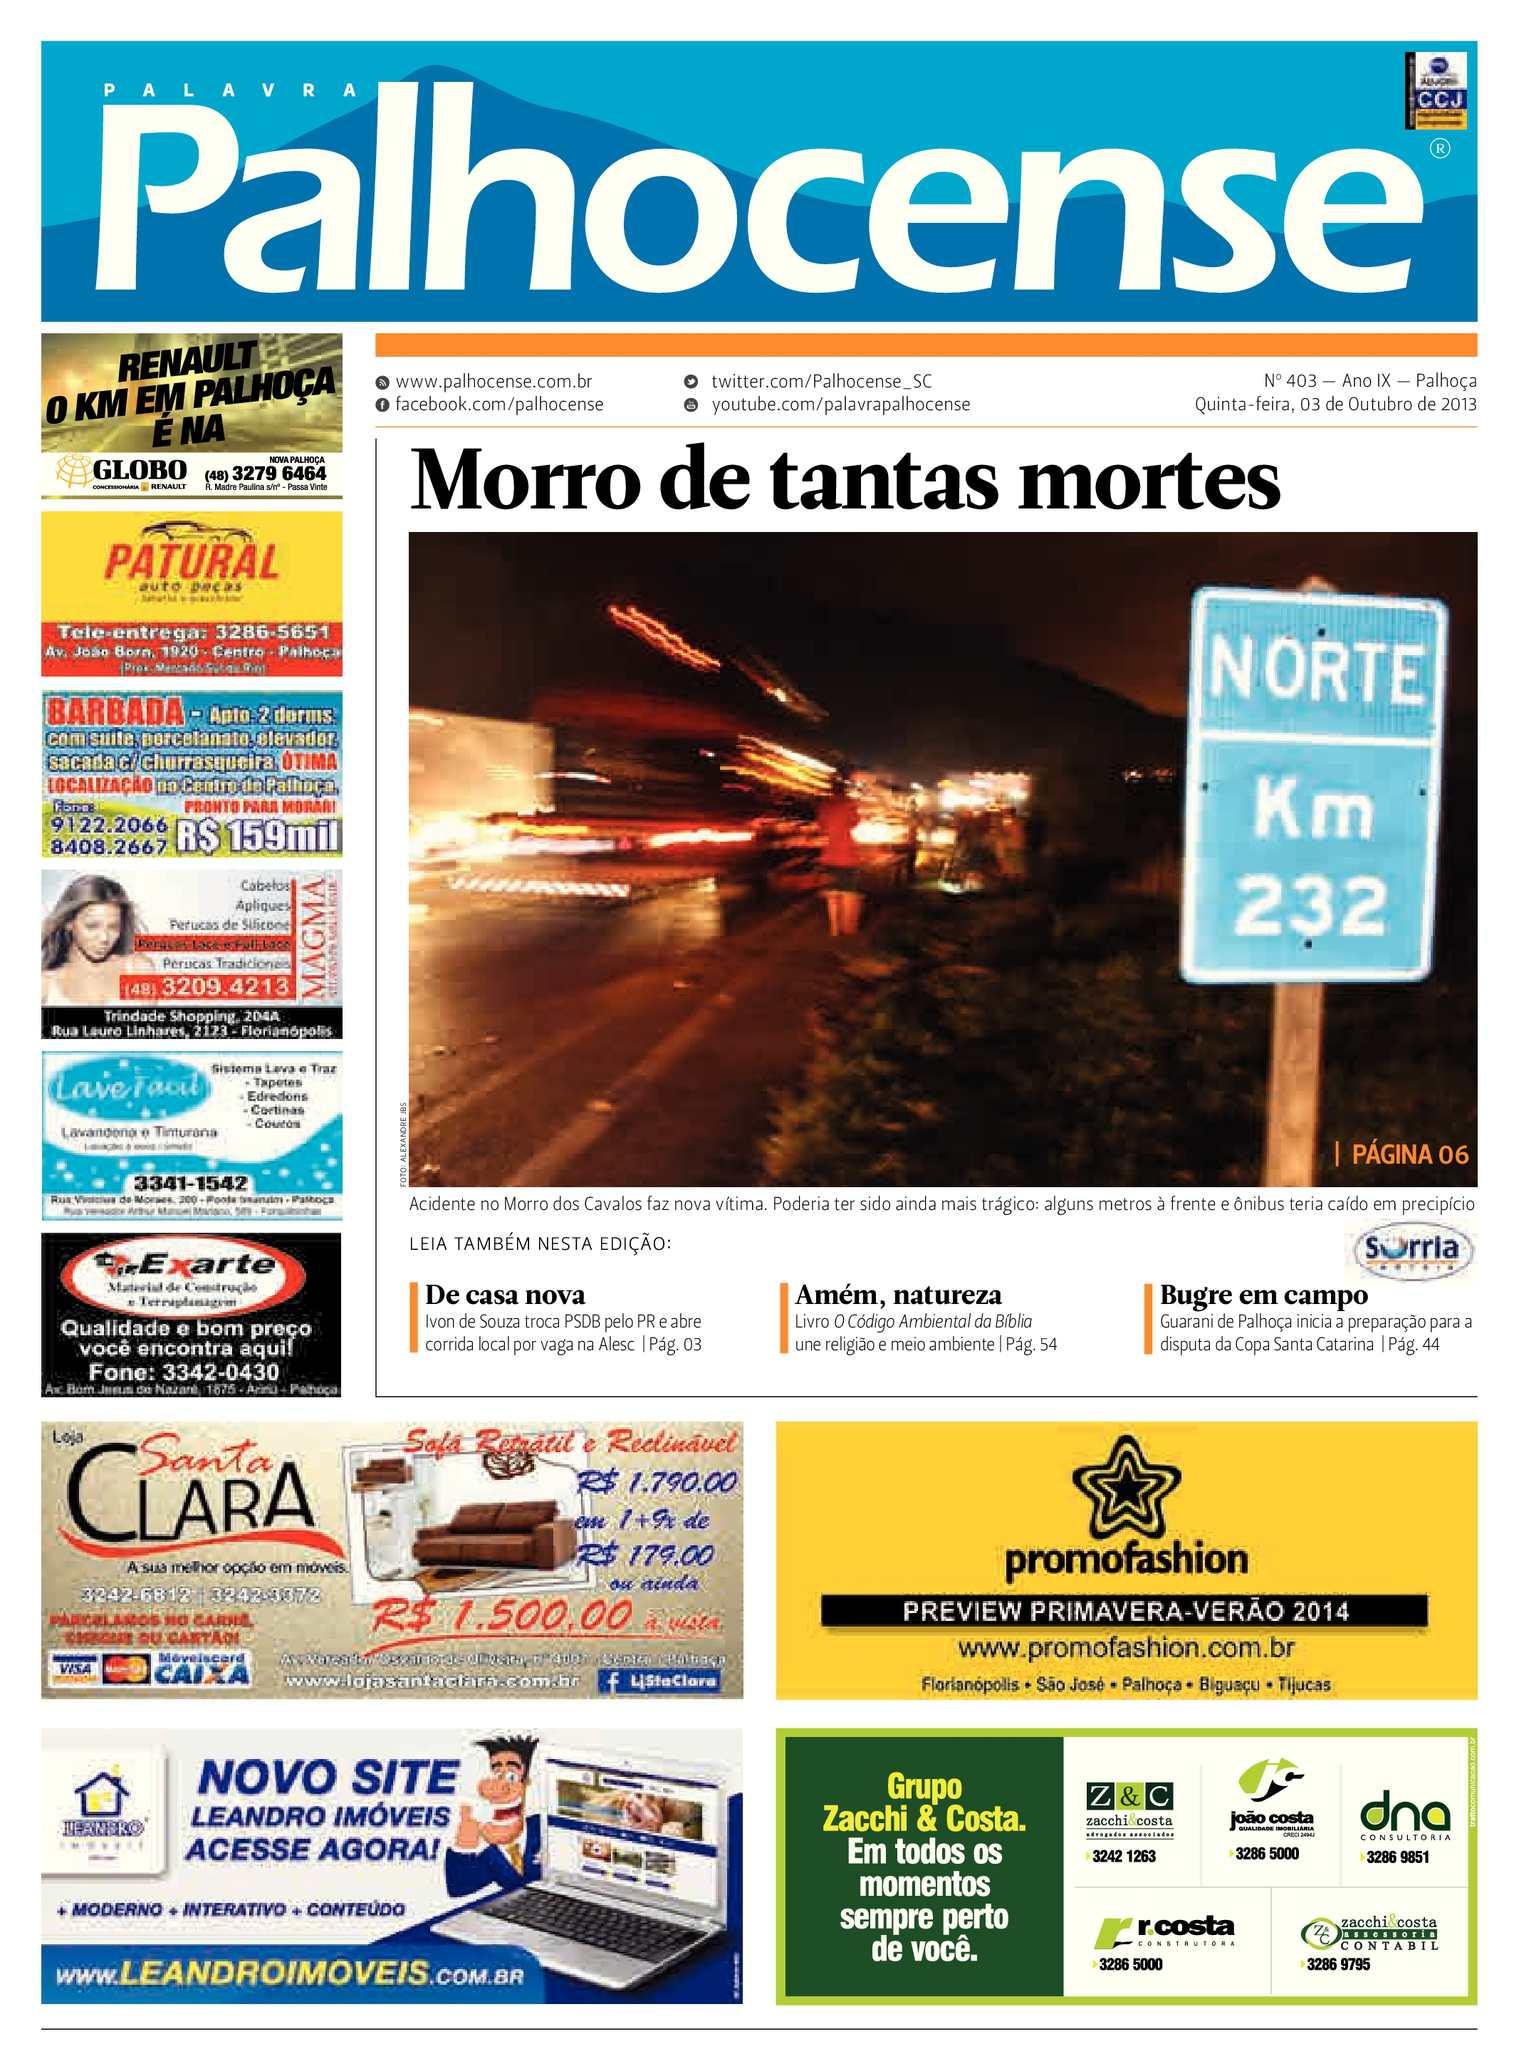 Calaméo - Jornal Palavra Palhocense - Edição 403 54dbc3b874c75